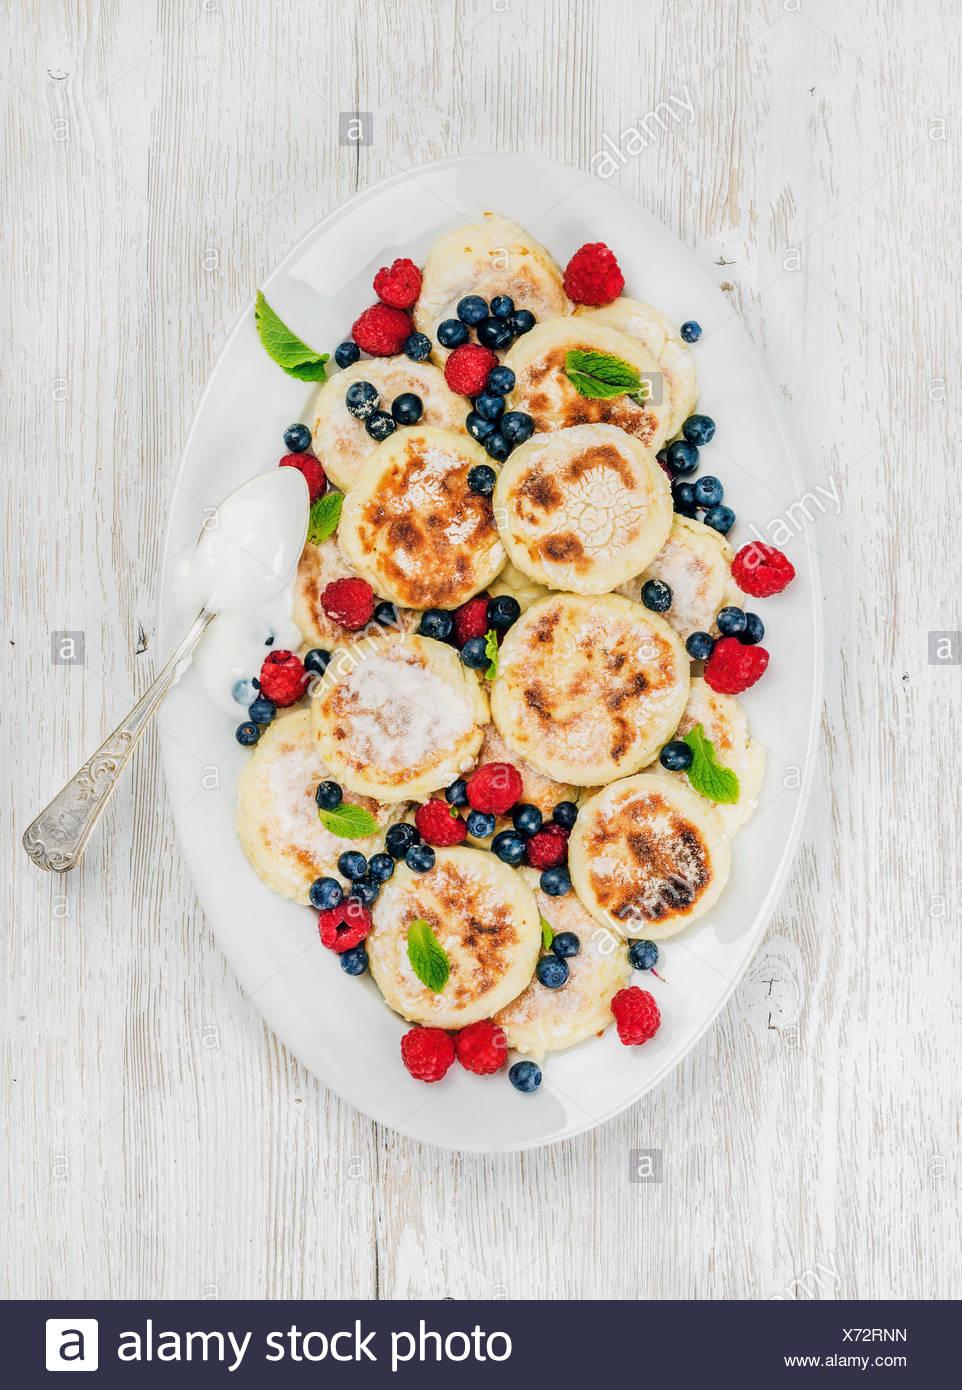 Syrniki o queso cottage panqueques con bayas frescas y salsa de crema agria en el plato para servir sobre fondo de madera blanca, Foto de stock